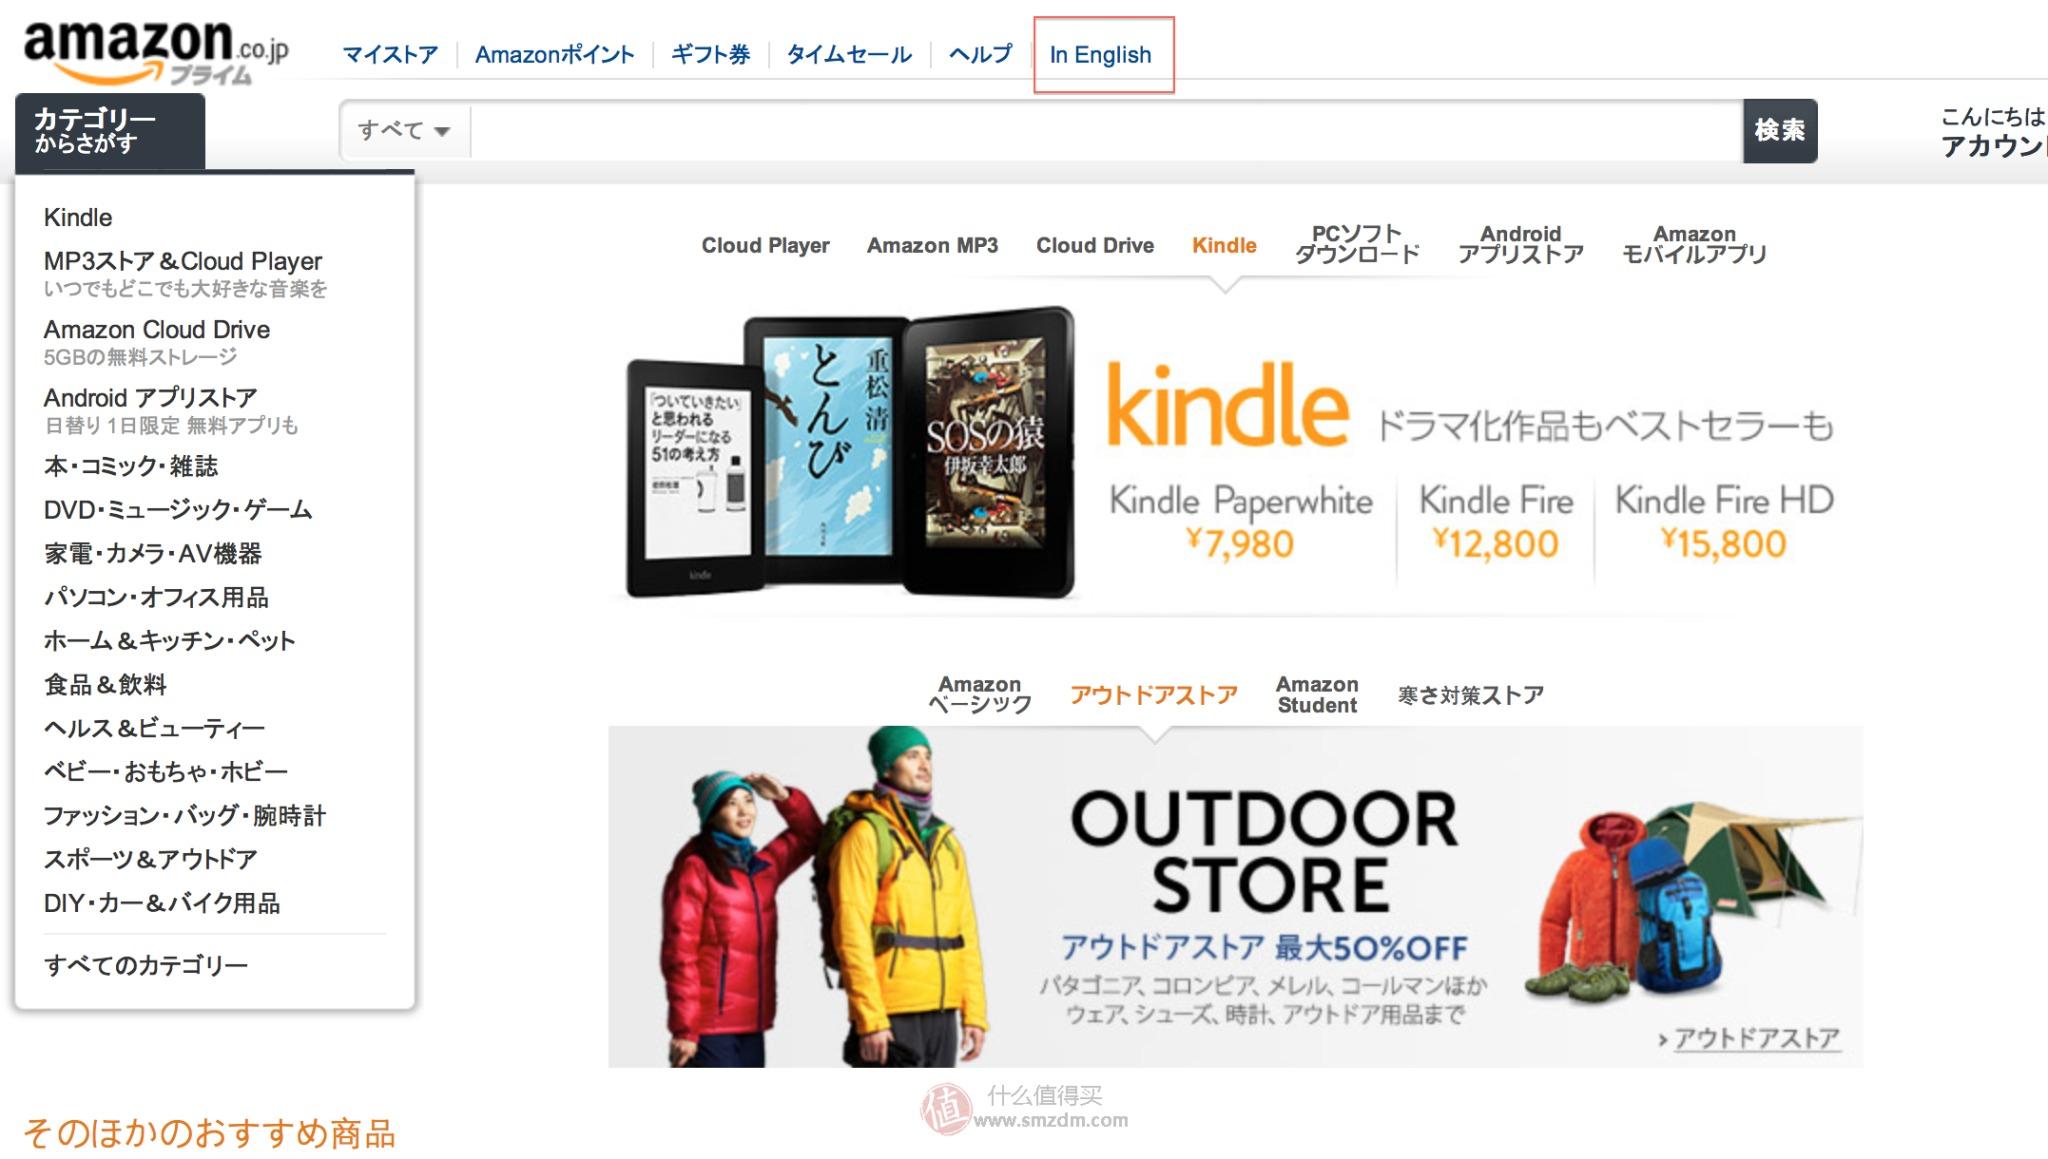 日本亚马逊海淘v实例实例:amazonkindlepaperwhite积木名称类游戏教程图片